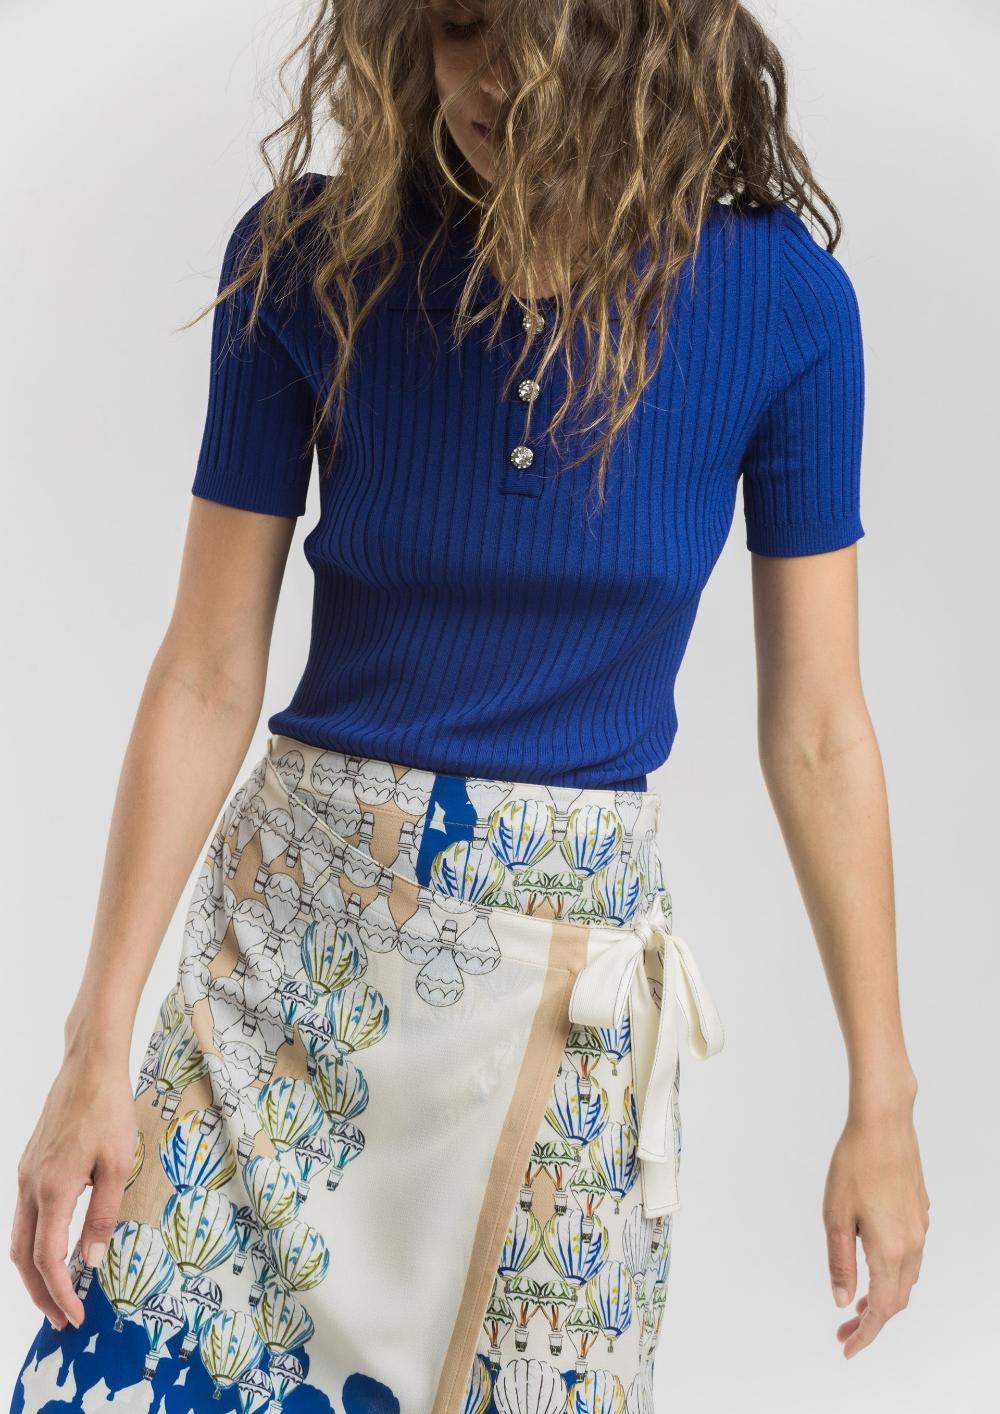 Polo de punto canalé azul de Alba Conde #fashion #brand #inspiration #inspo #outfit #look #newcollection #ss20